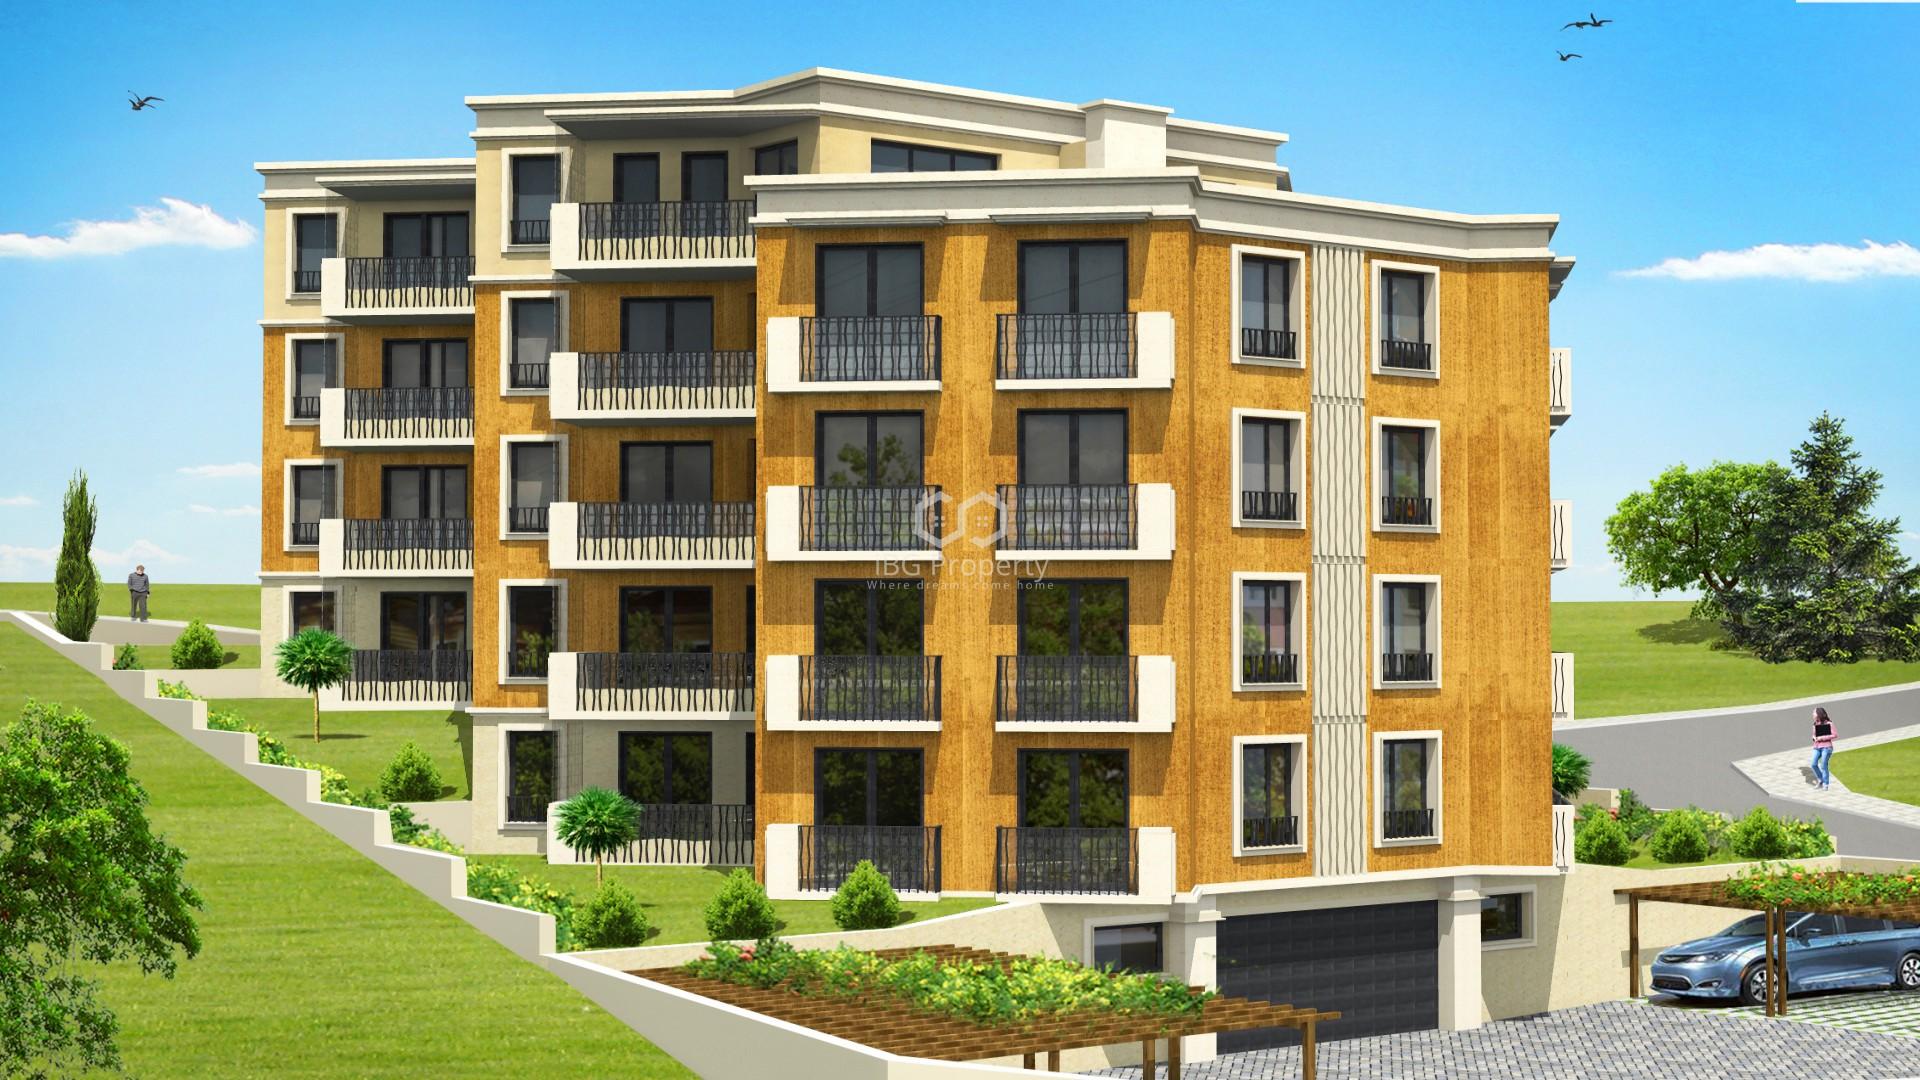 Tристаен апартамент Бриз Варна 79 m2